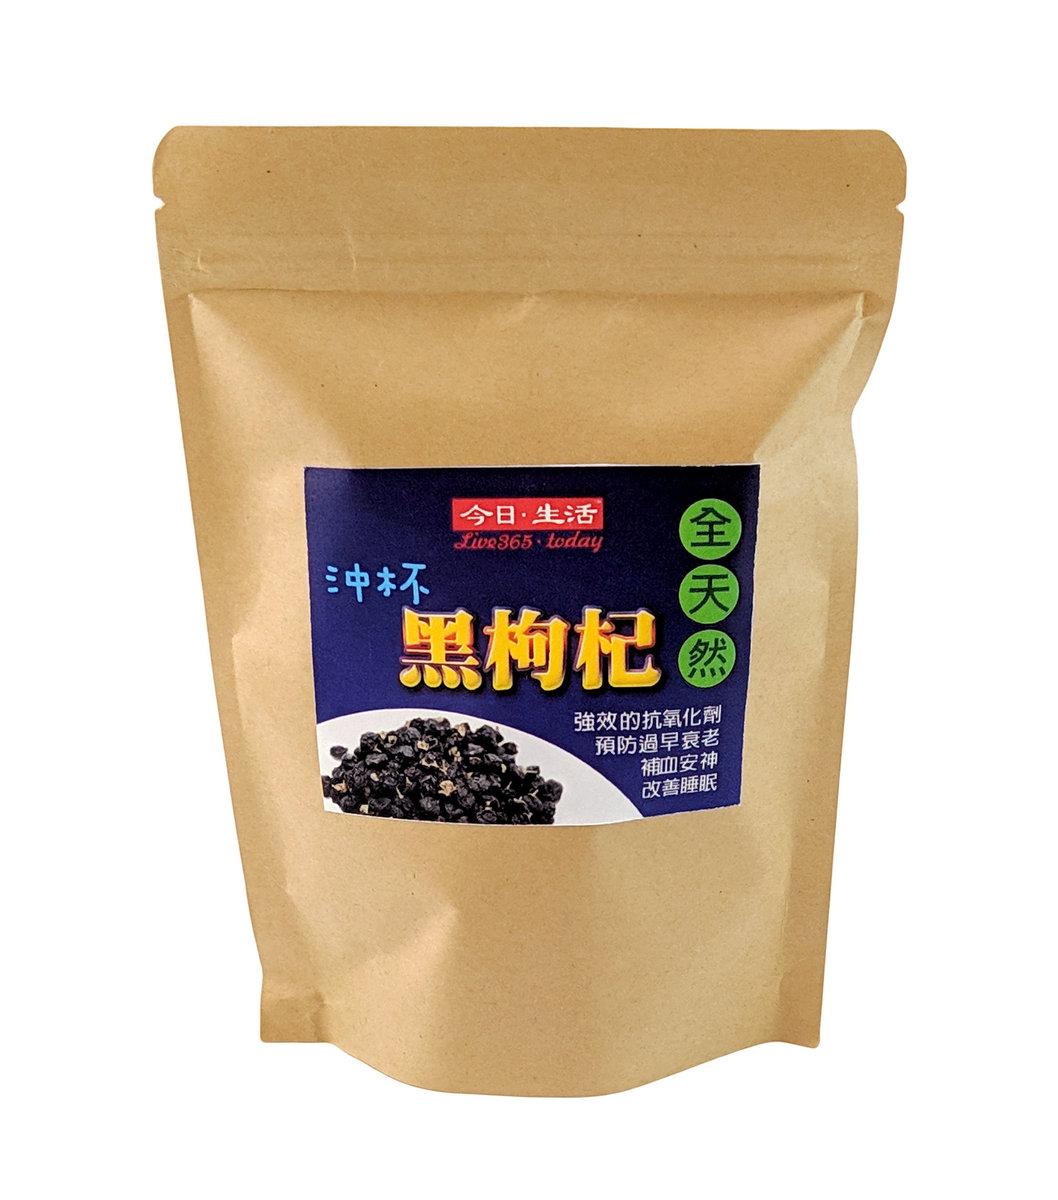 黑枸杞 100%全天然 (5g x10小包) (清貨 Clearance item)